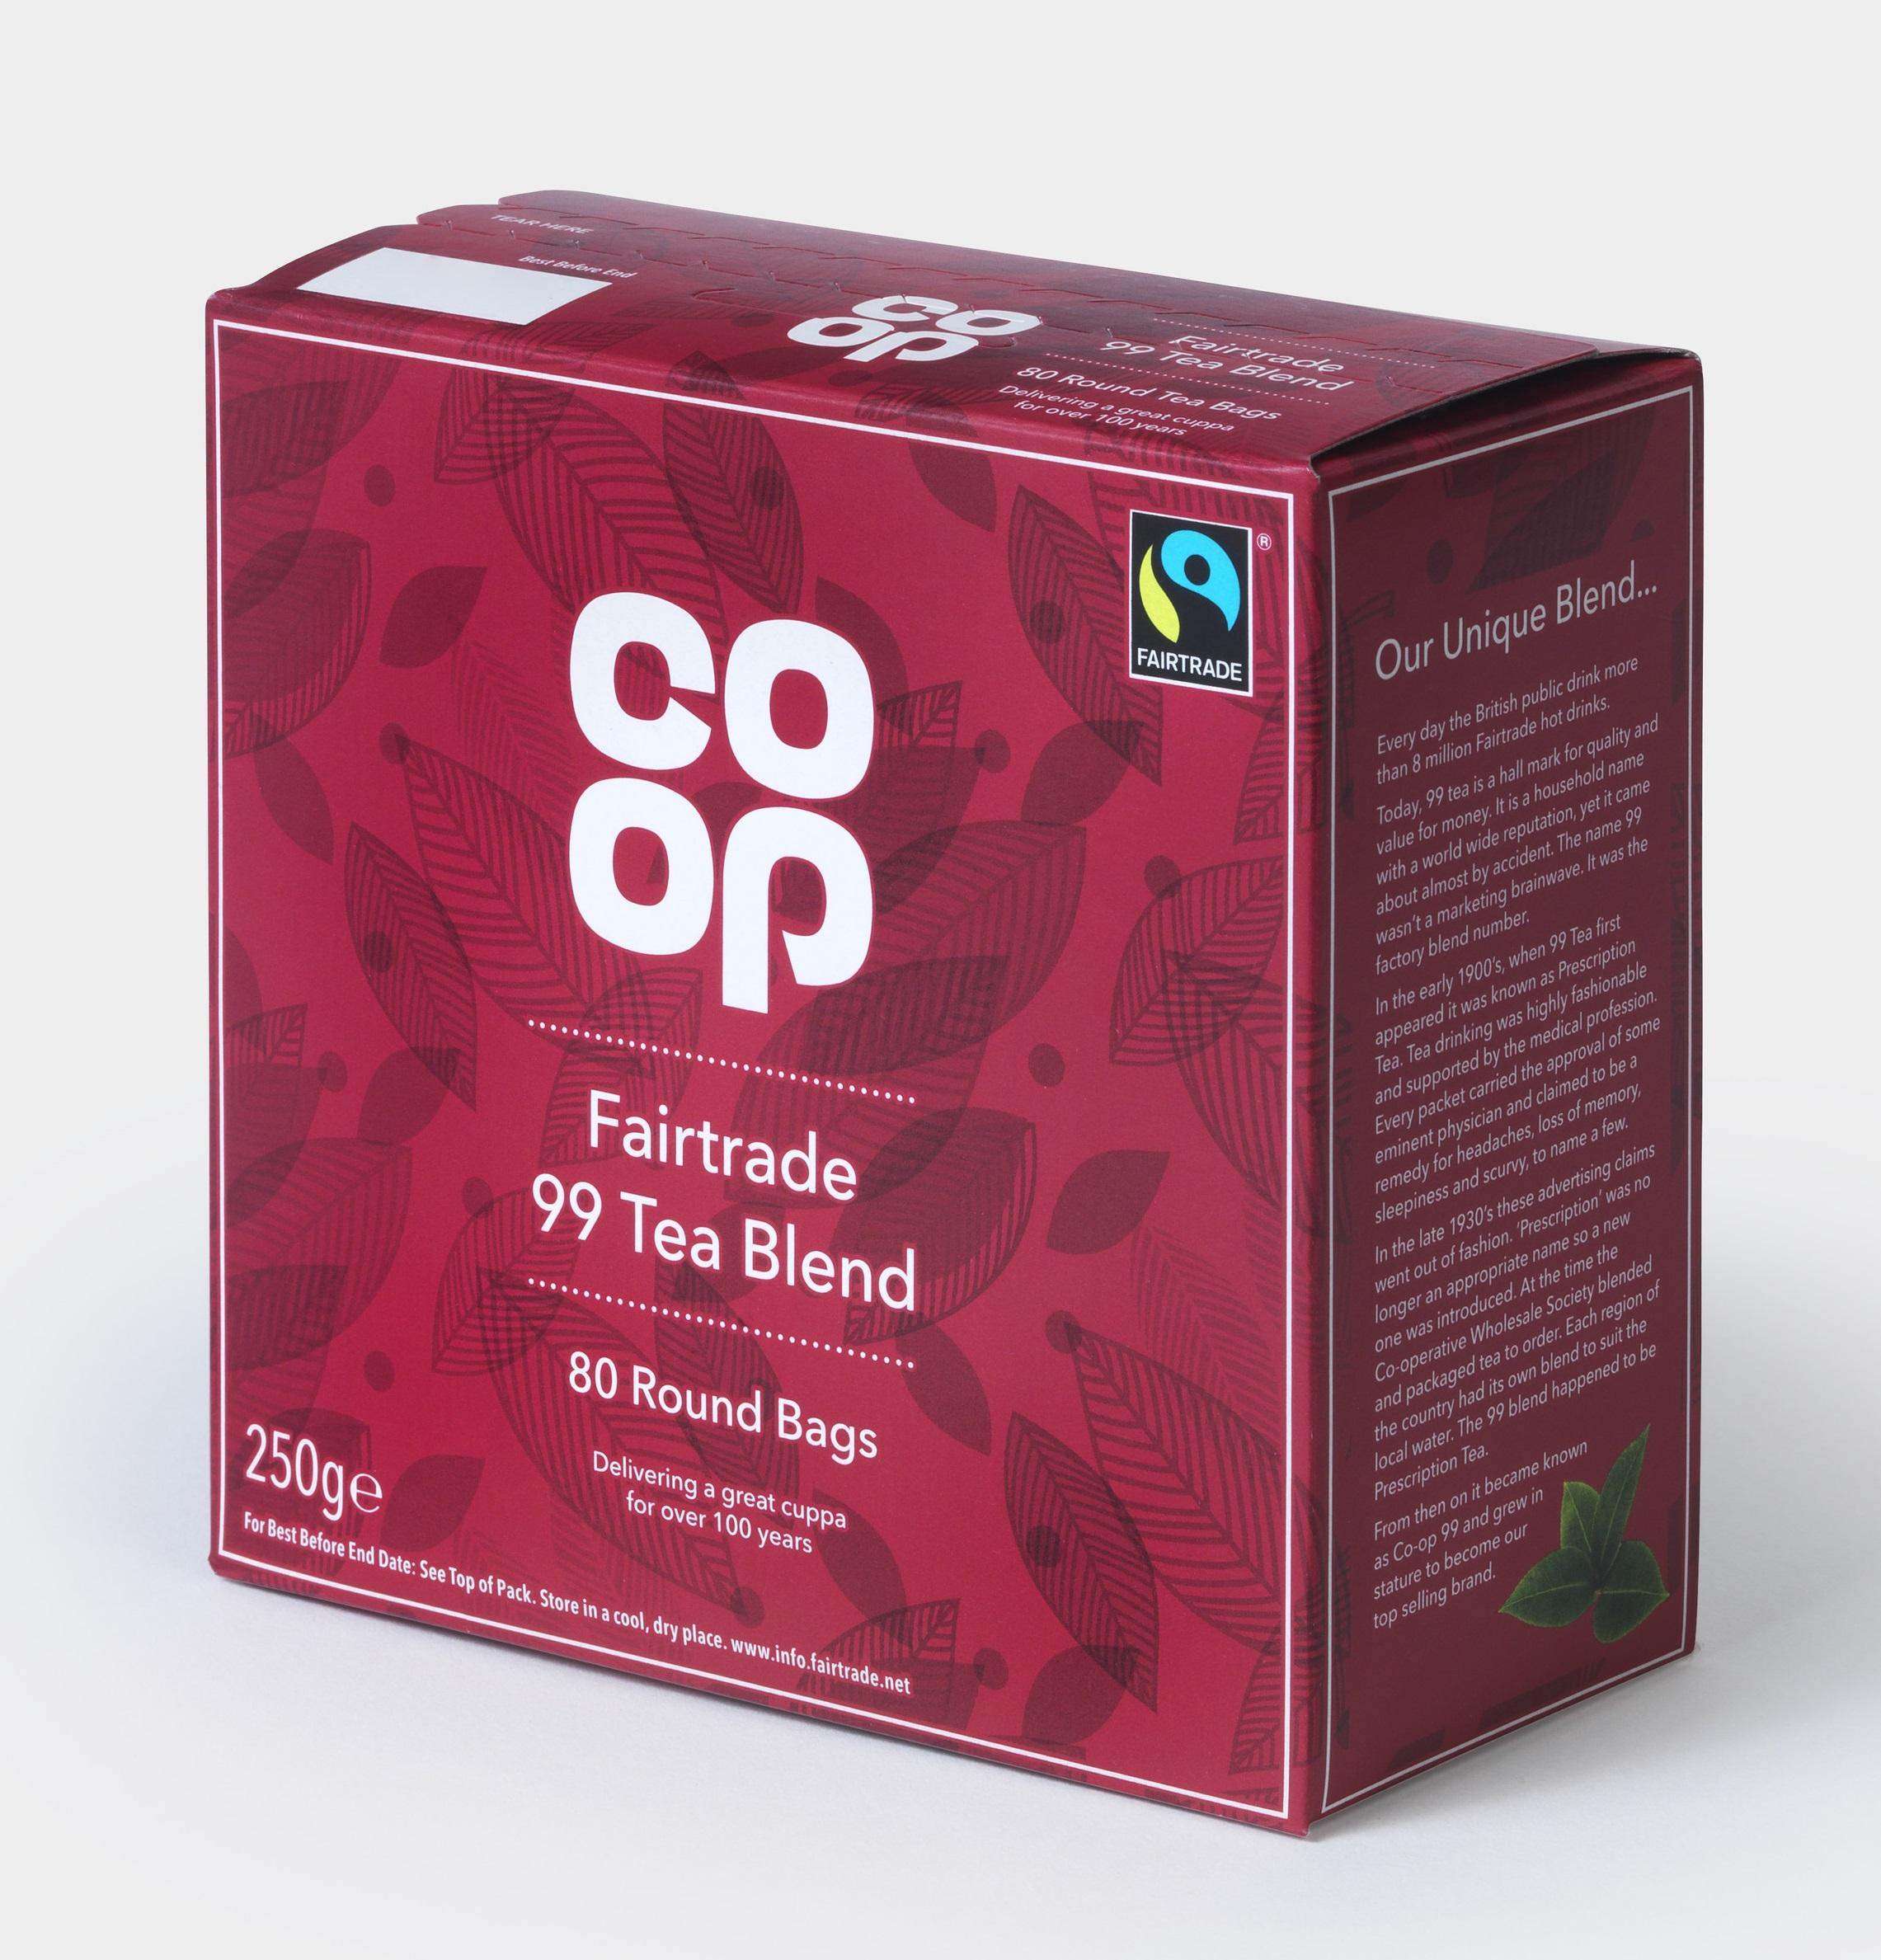 co-opの赤い紅茶の箱